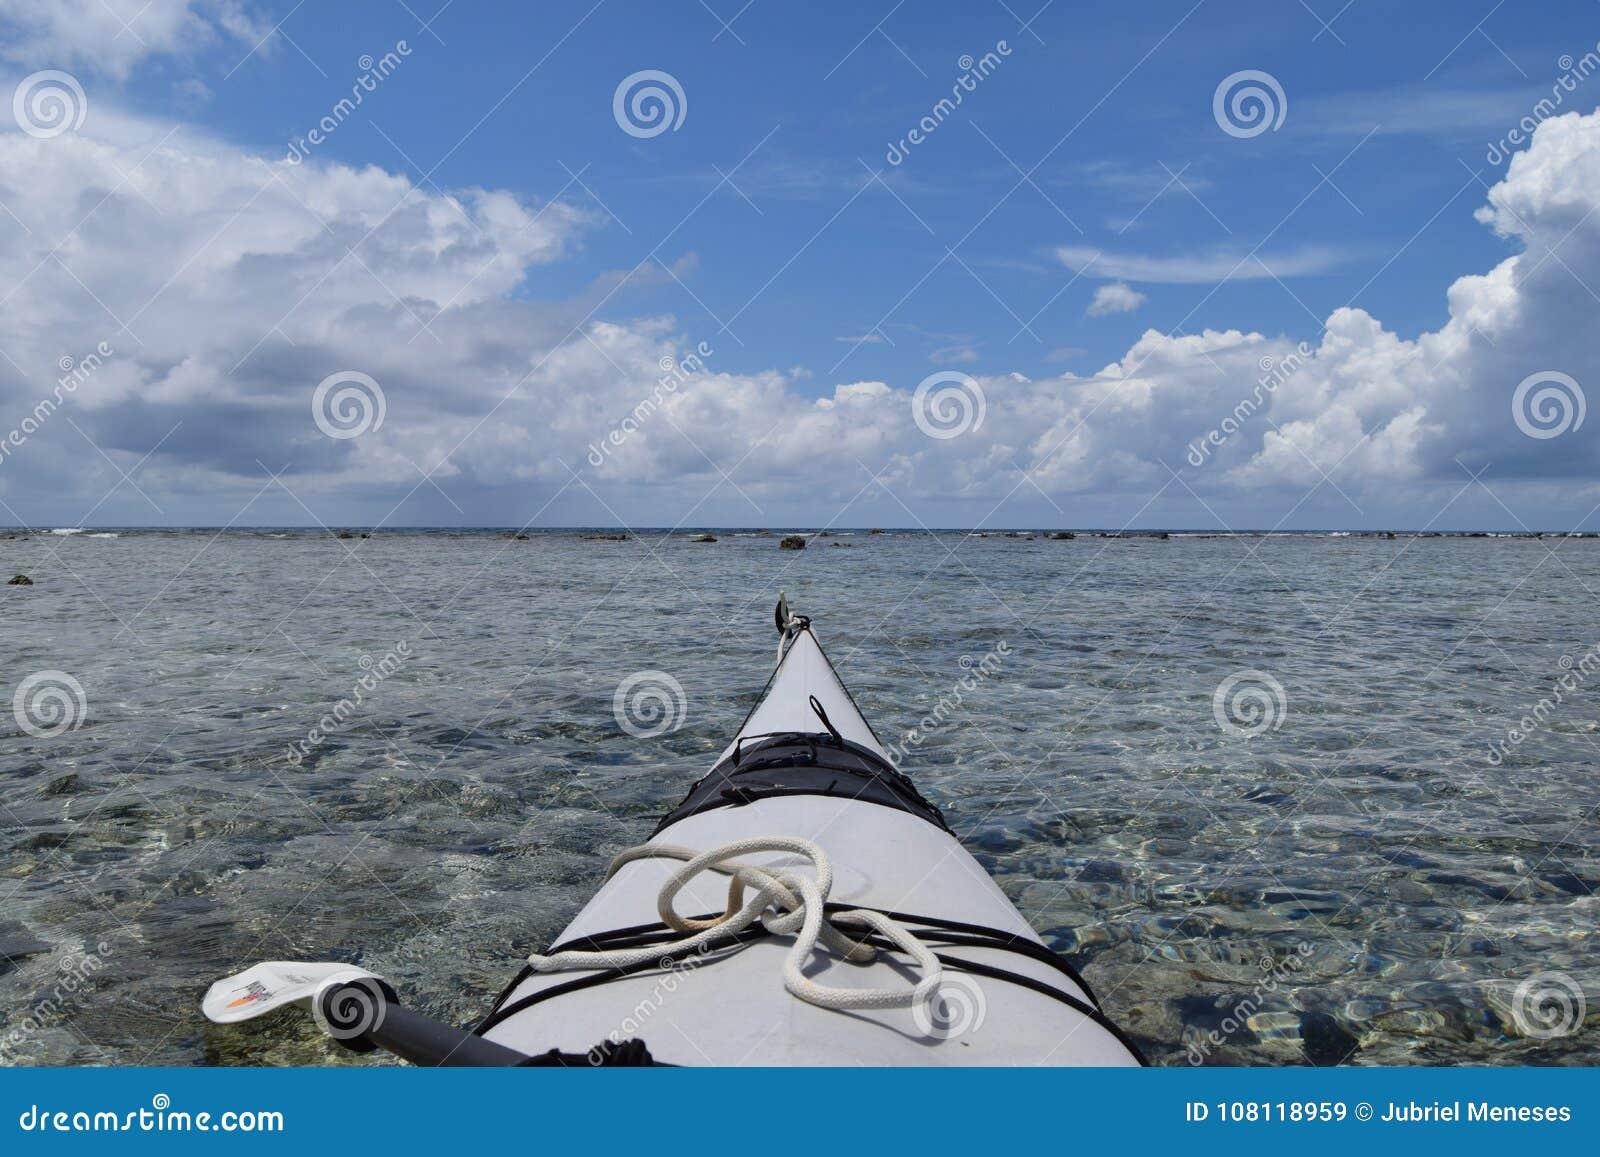 Kajak en el agua en Belice